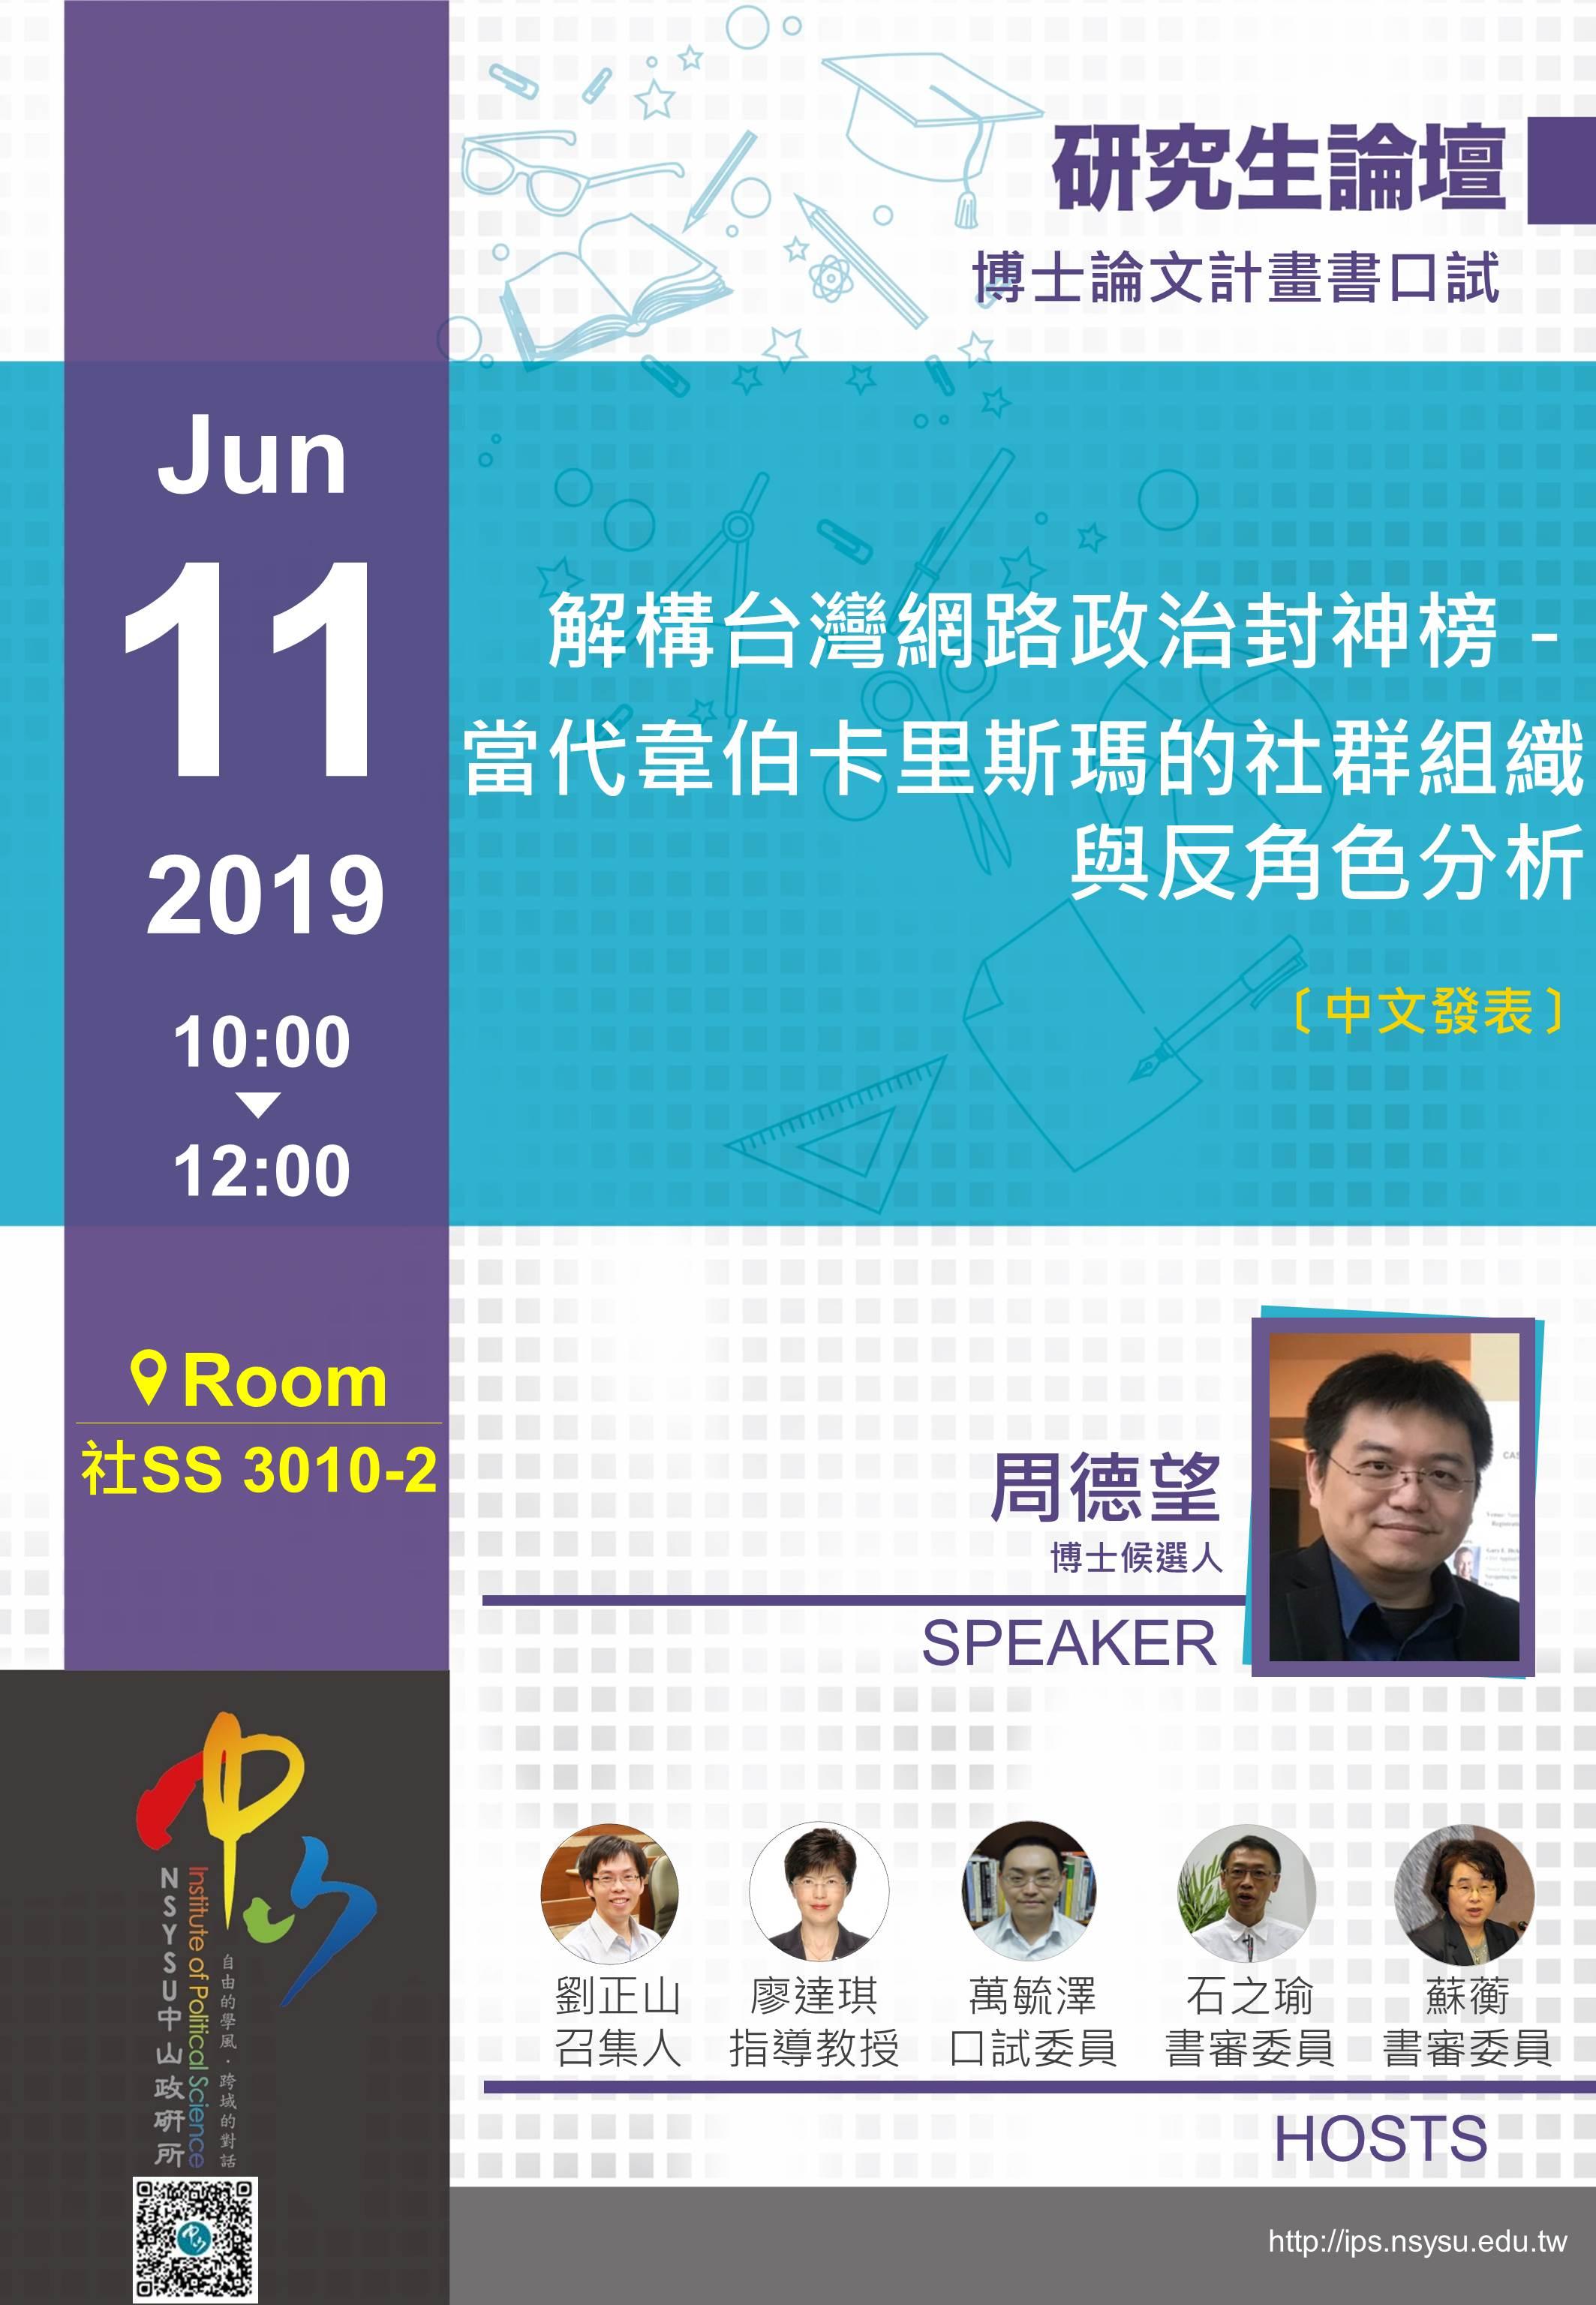 周德望:解構台灣網路政治封神榜-當代韋伯卡里斯瑪的社群組織與反角色分析